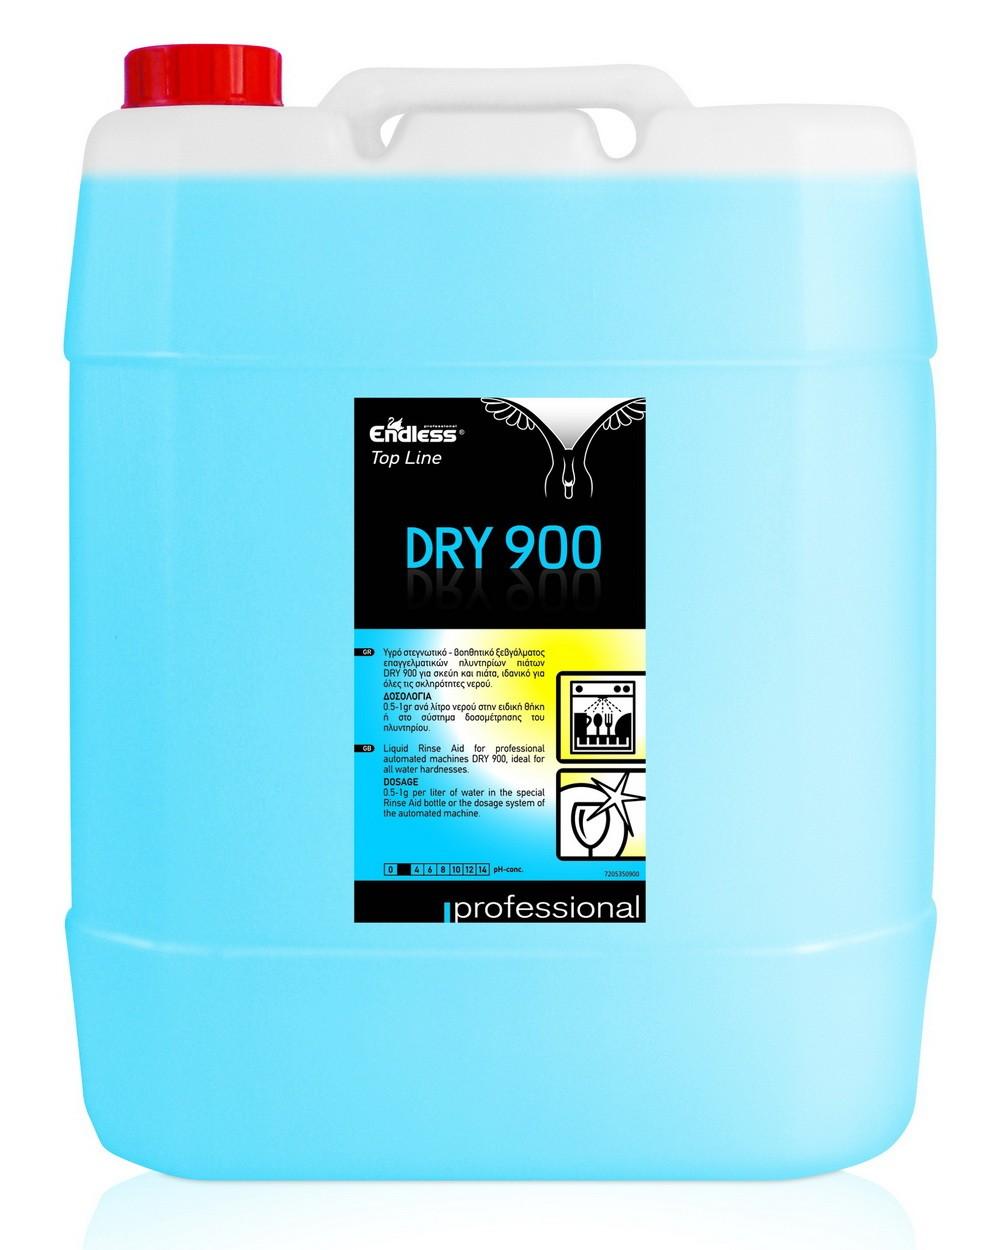 Στεγνωτικό πλυντηρίων πιάτων Endless Top Line Dry 900 20lt